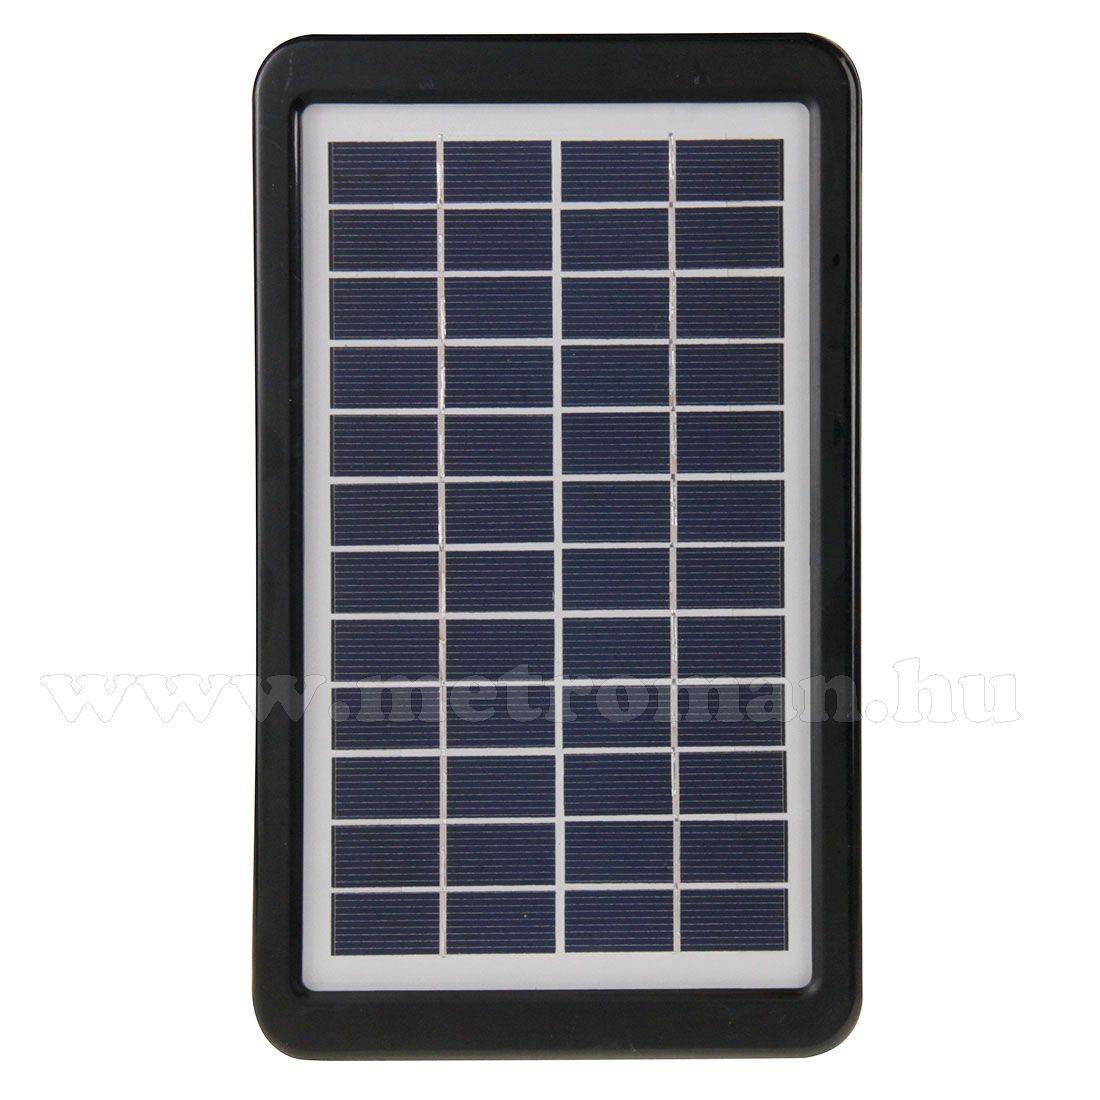 Hordozható napelem, 12V/3W, Mlogic MM-9909B